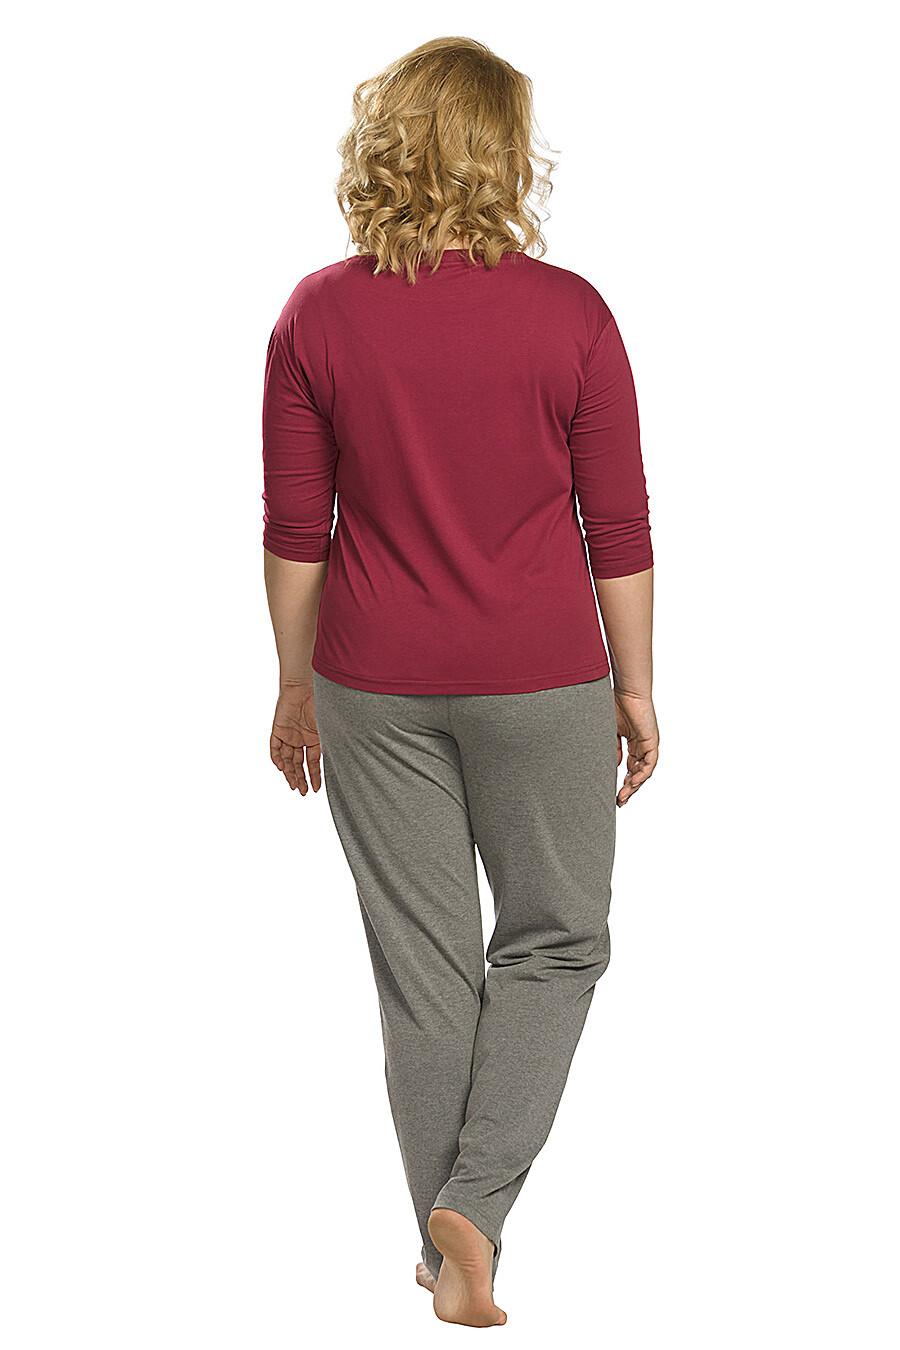 Копмлект (Брюки+Джемпер) для женщин PELICAN 146657 купить оптом от производителя. Совместная покупка женской одежды в OptMoyo